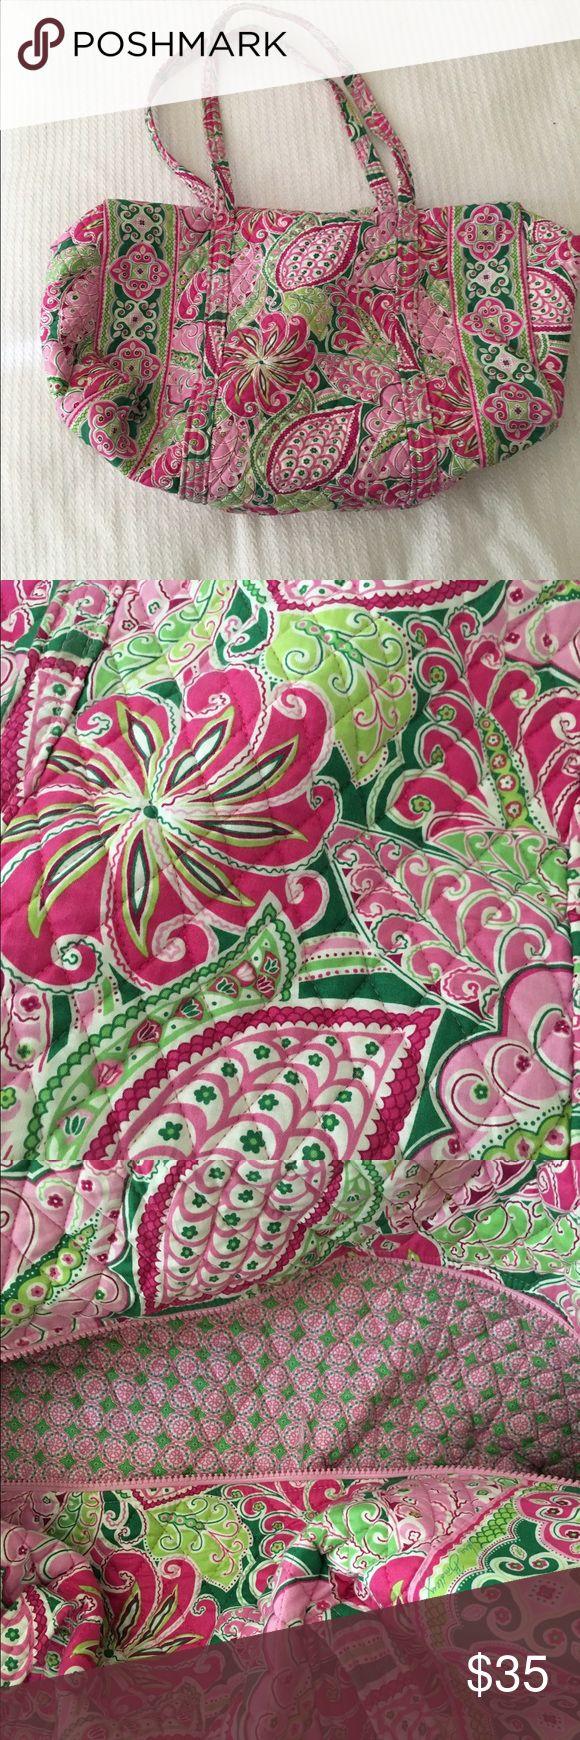 Vera Bradley Large Duffel Bag Pink Print Spacious Duffel Bag Vera Bradley Bags Travel Bags